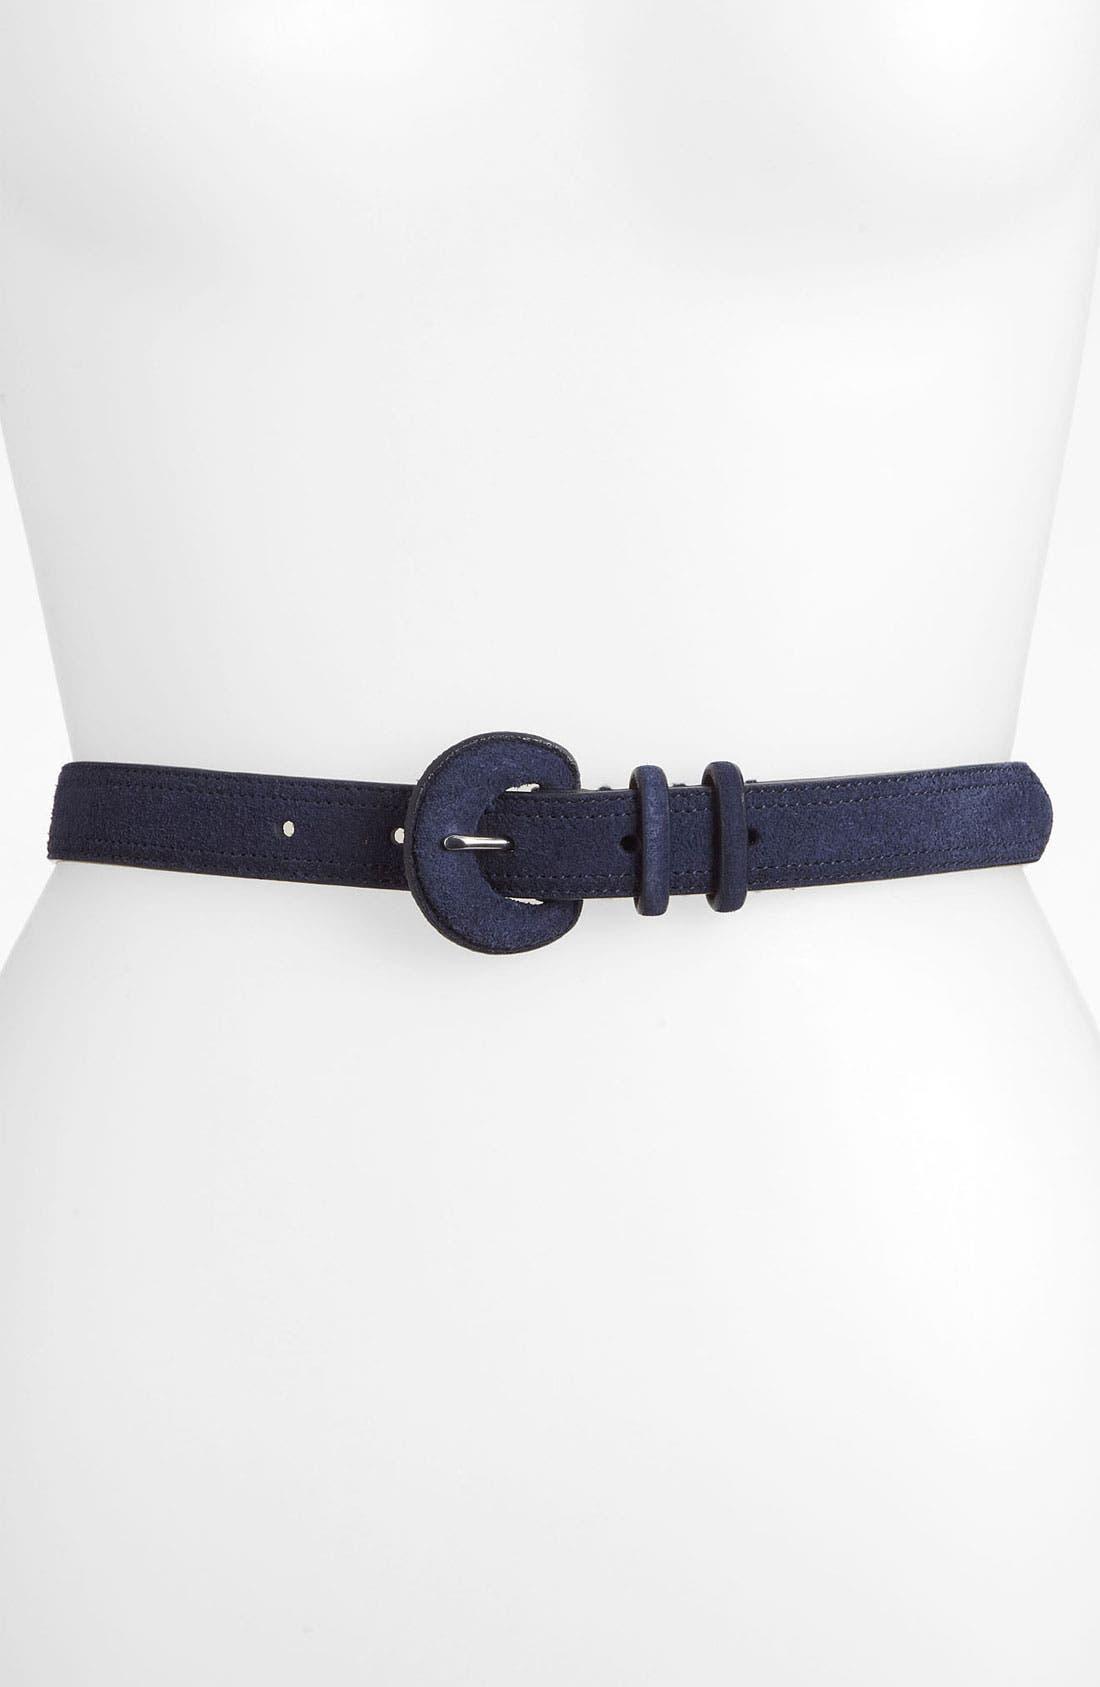 Alternate Image 1 Selected - Lauren Ralph Lauren Suede Belt